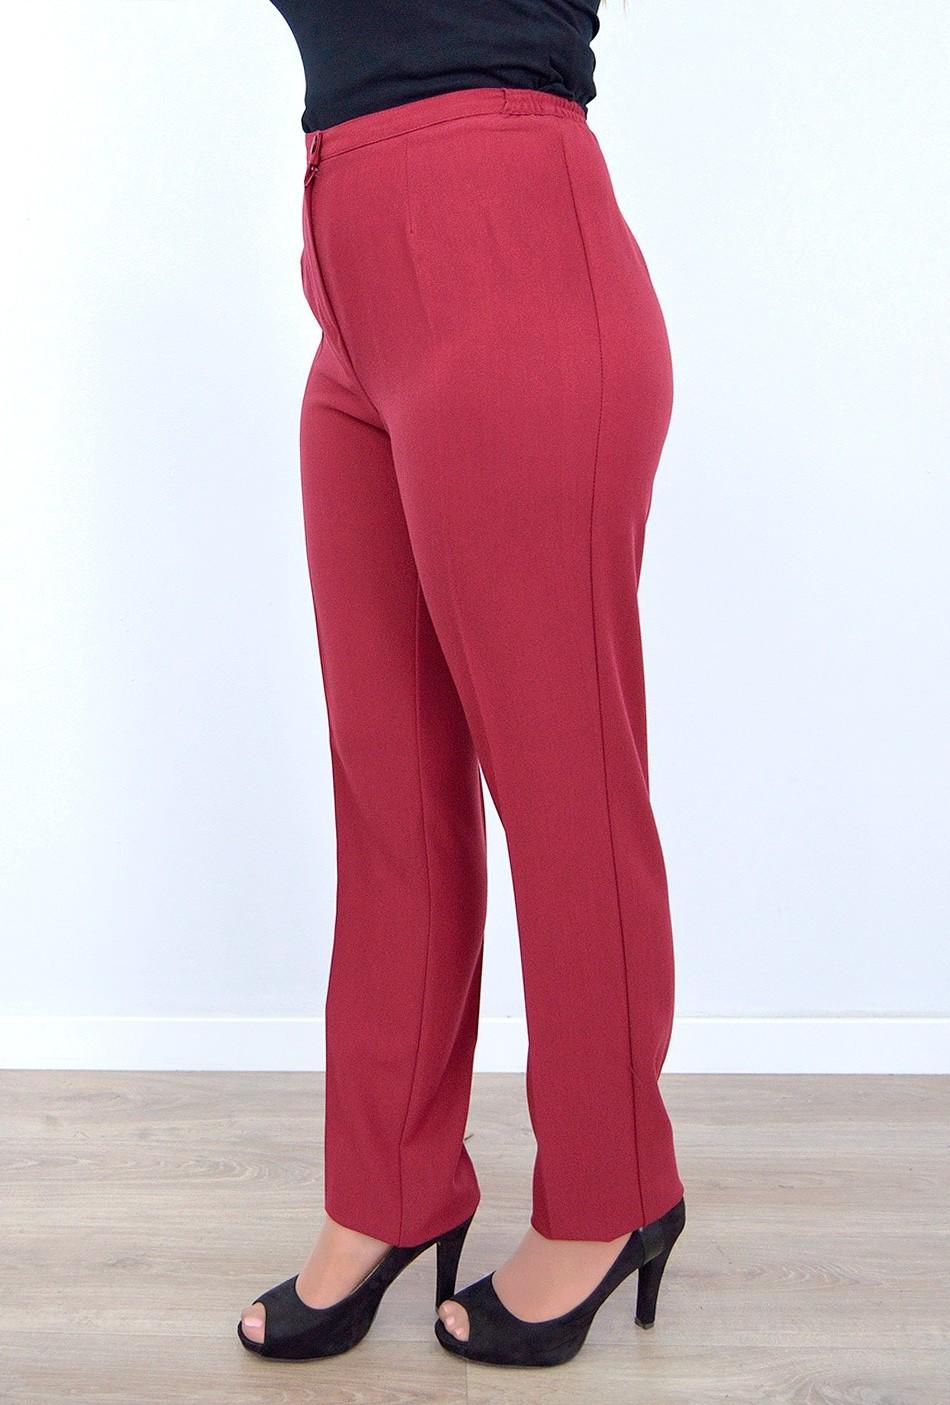 Pantalon Cintura Goma Costado Vestir Bielastico Invierno